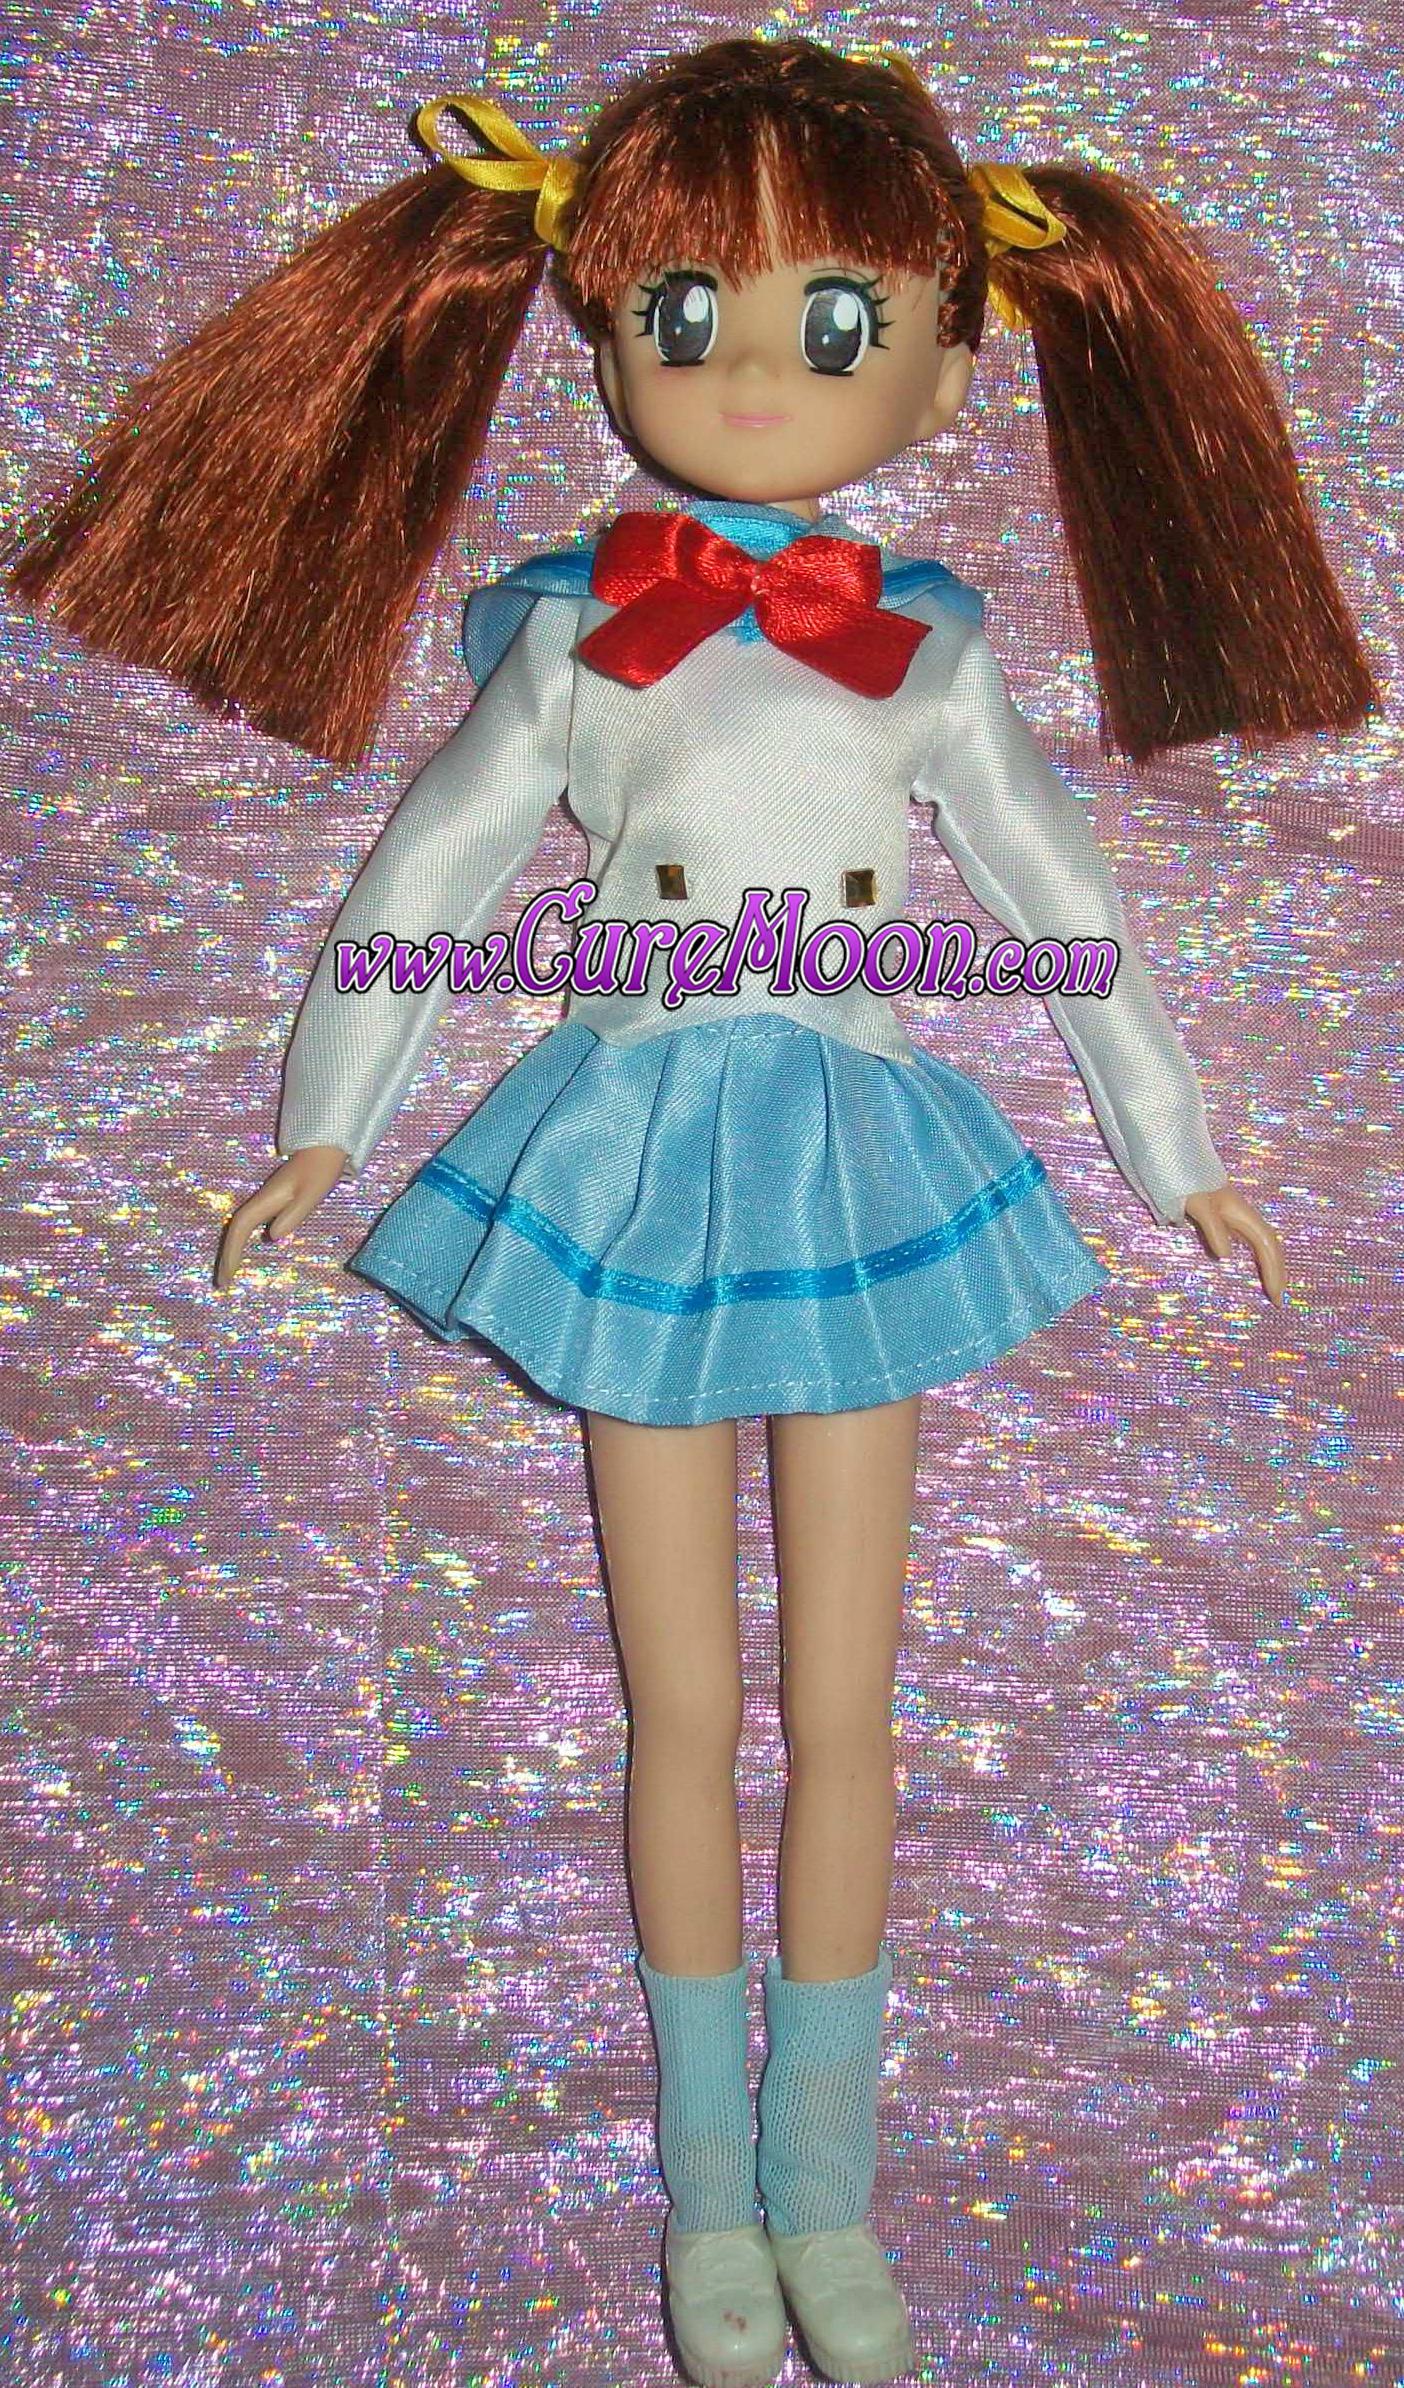 rossana-bambola-custom-curemoon